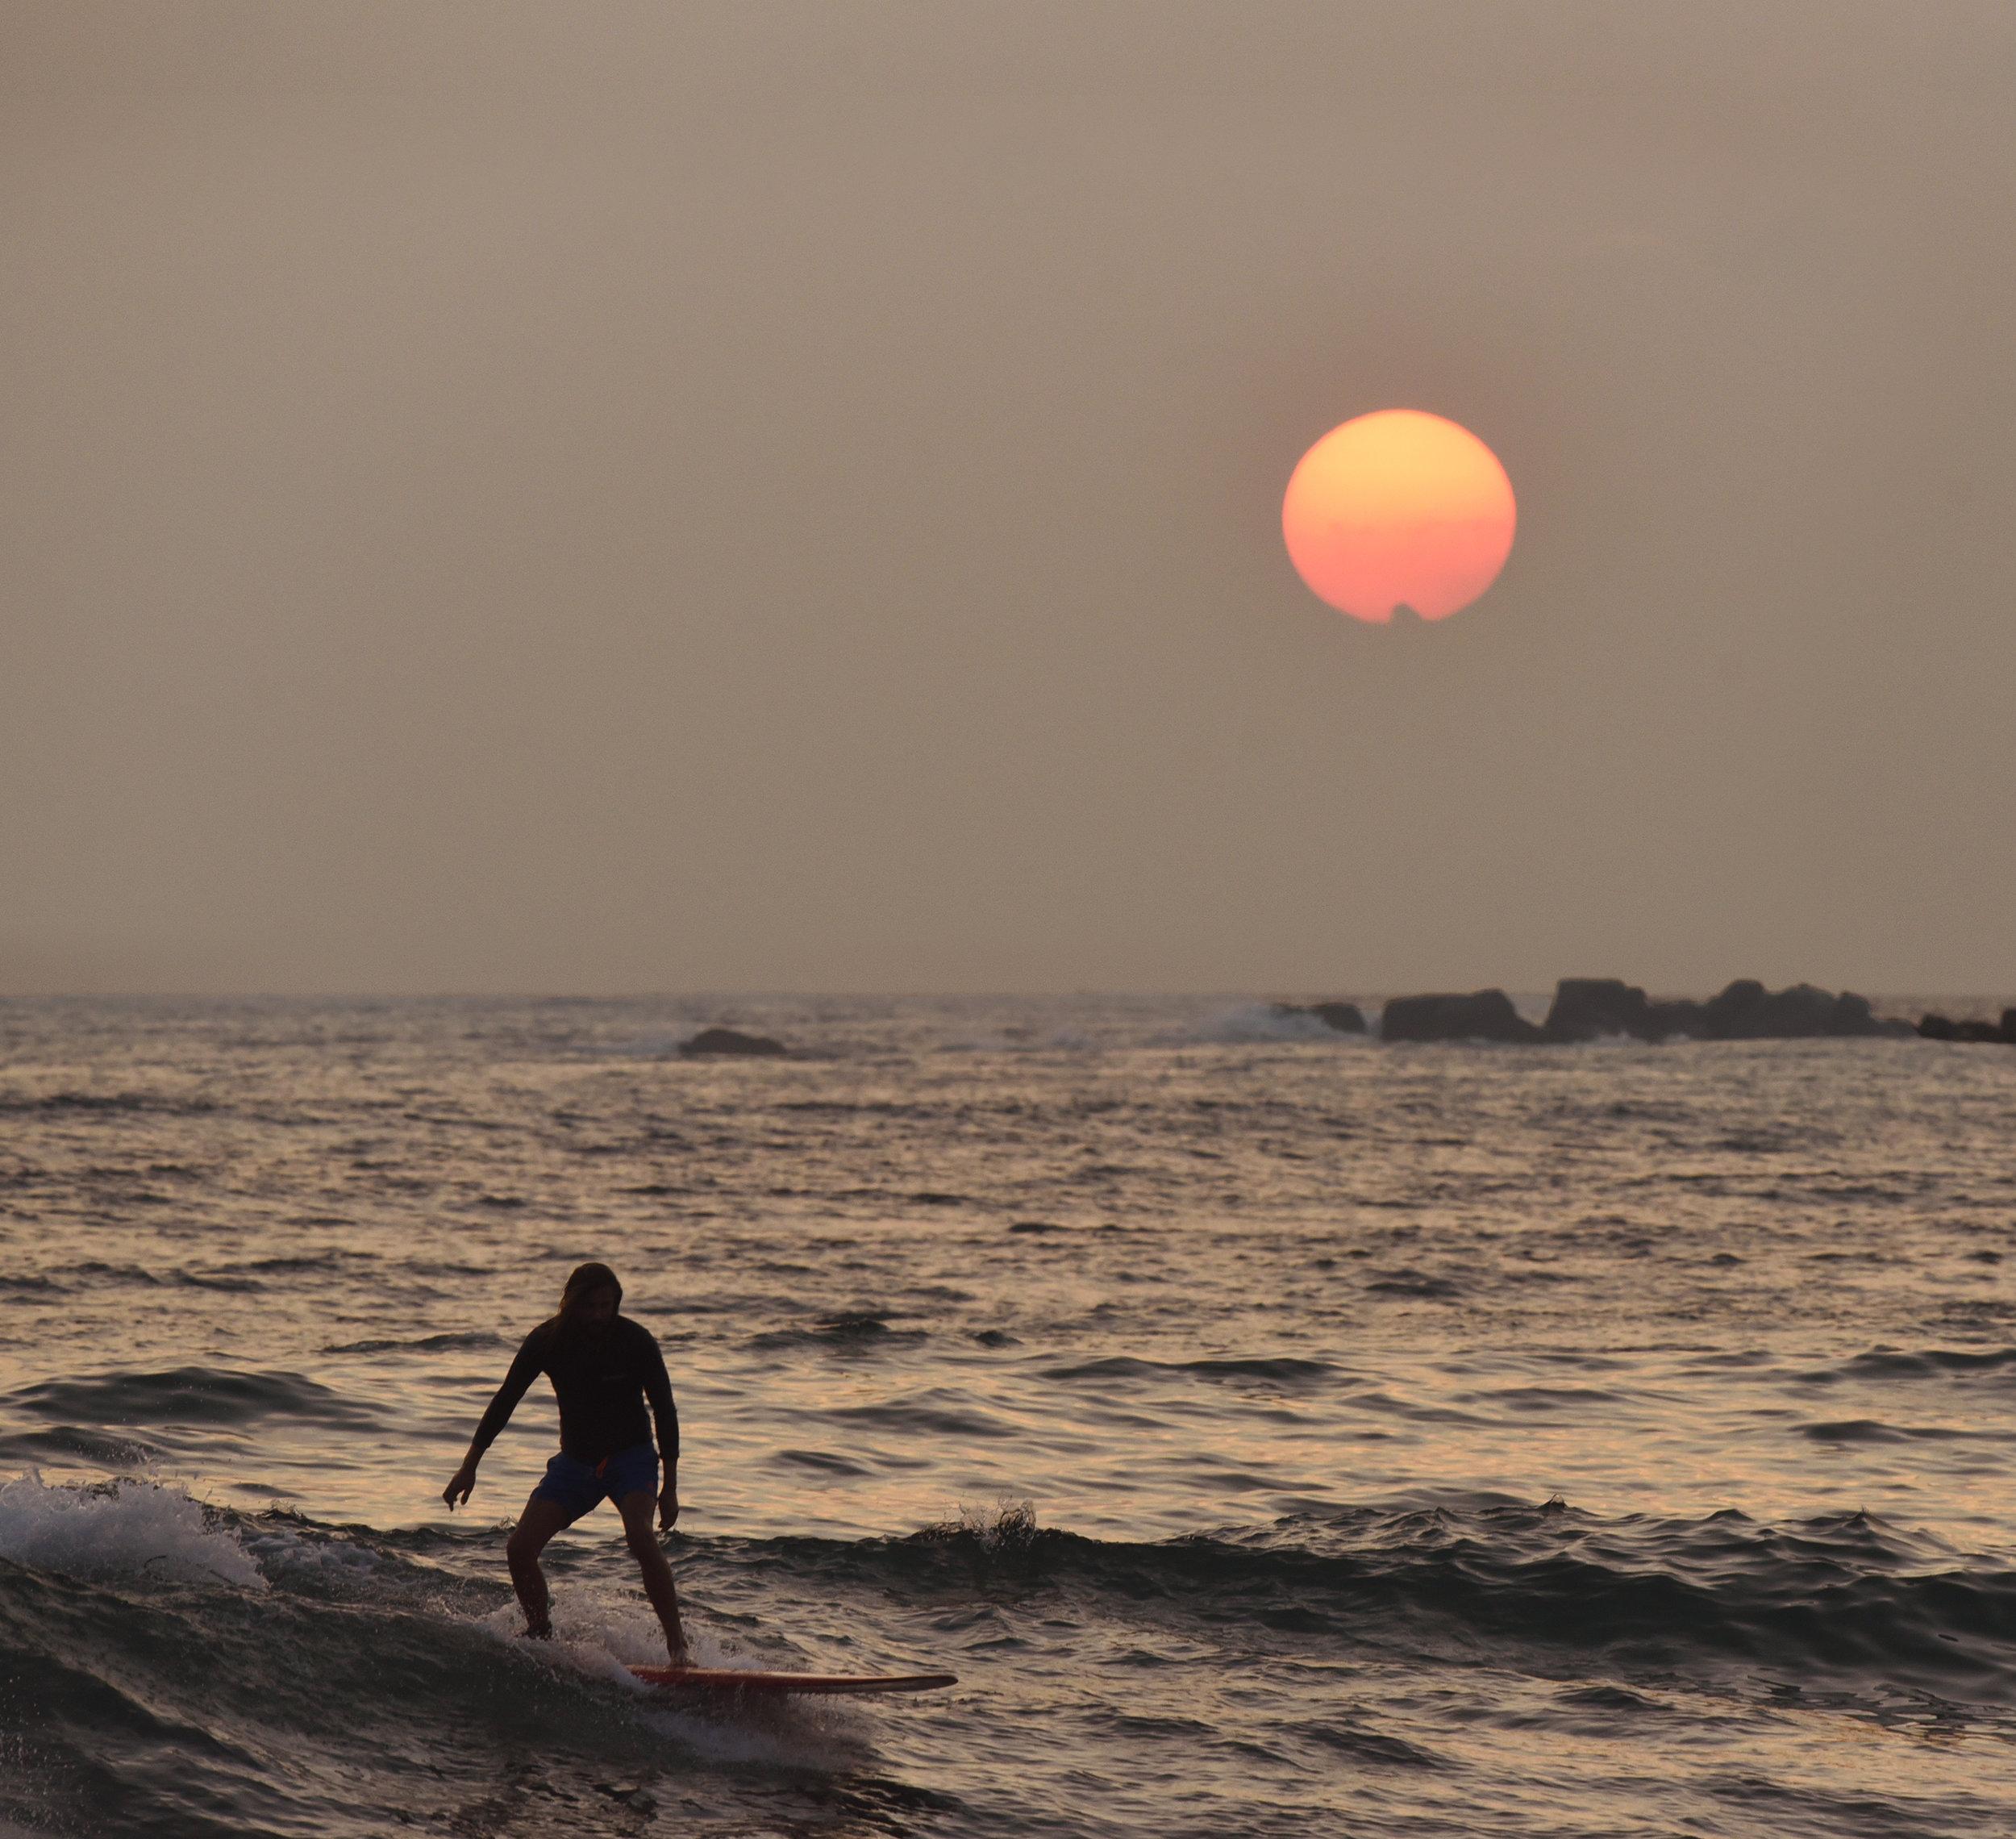 Surfing into the sunset Sri Lanka